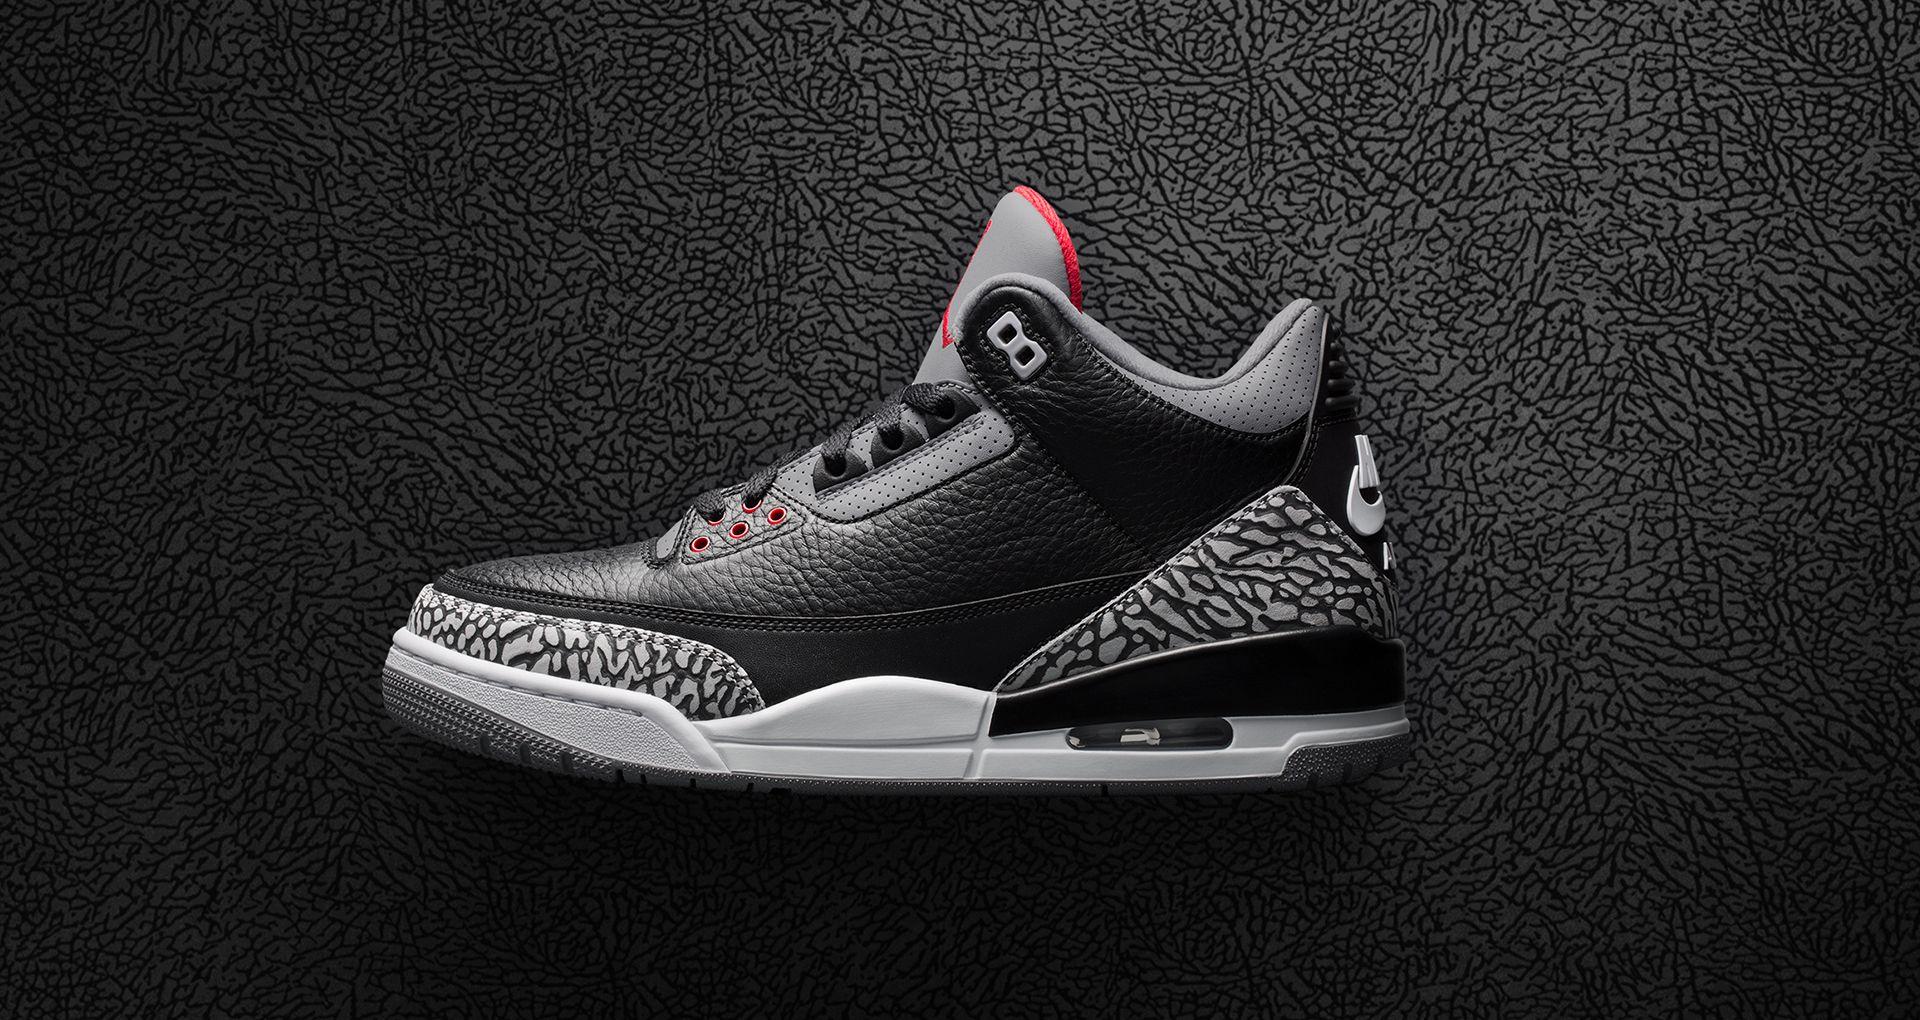 Air Jordan Iii Air Jordans Sneakers Jordan 3